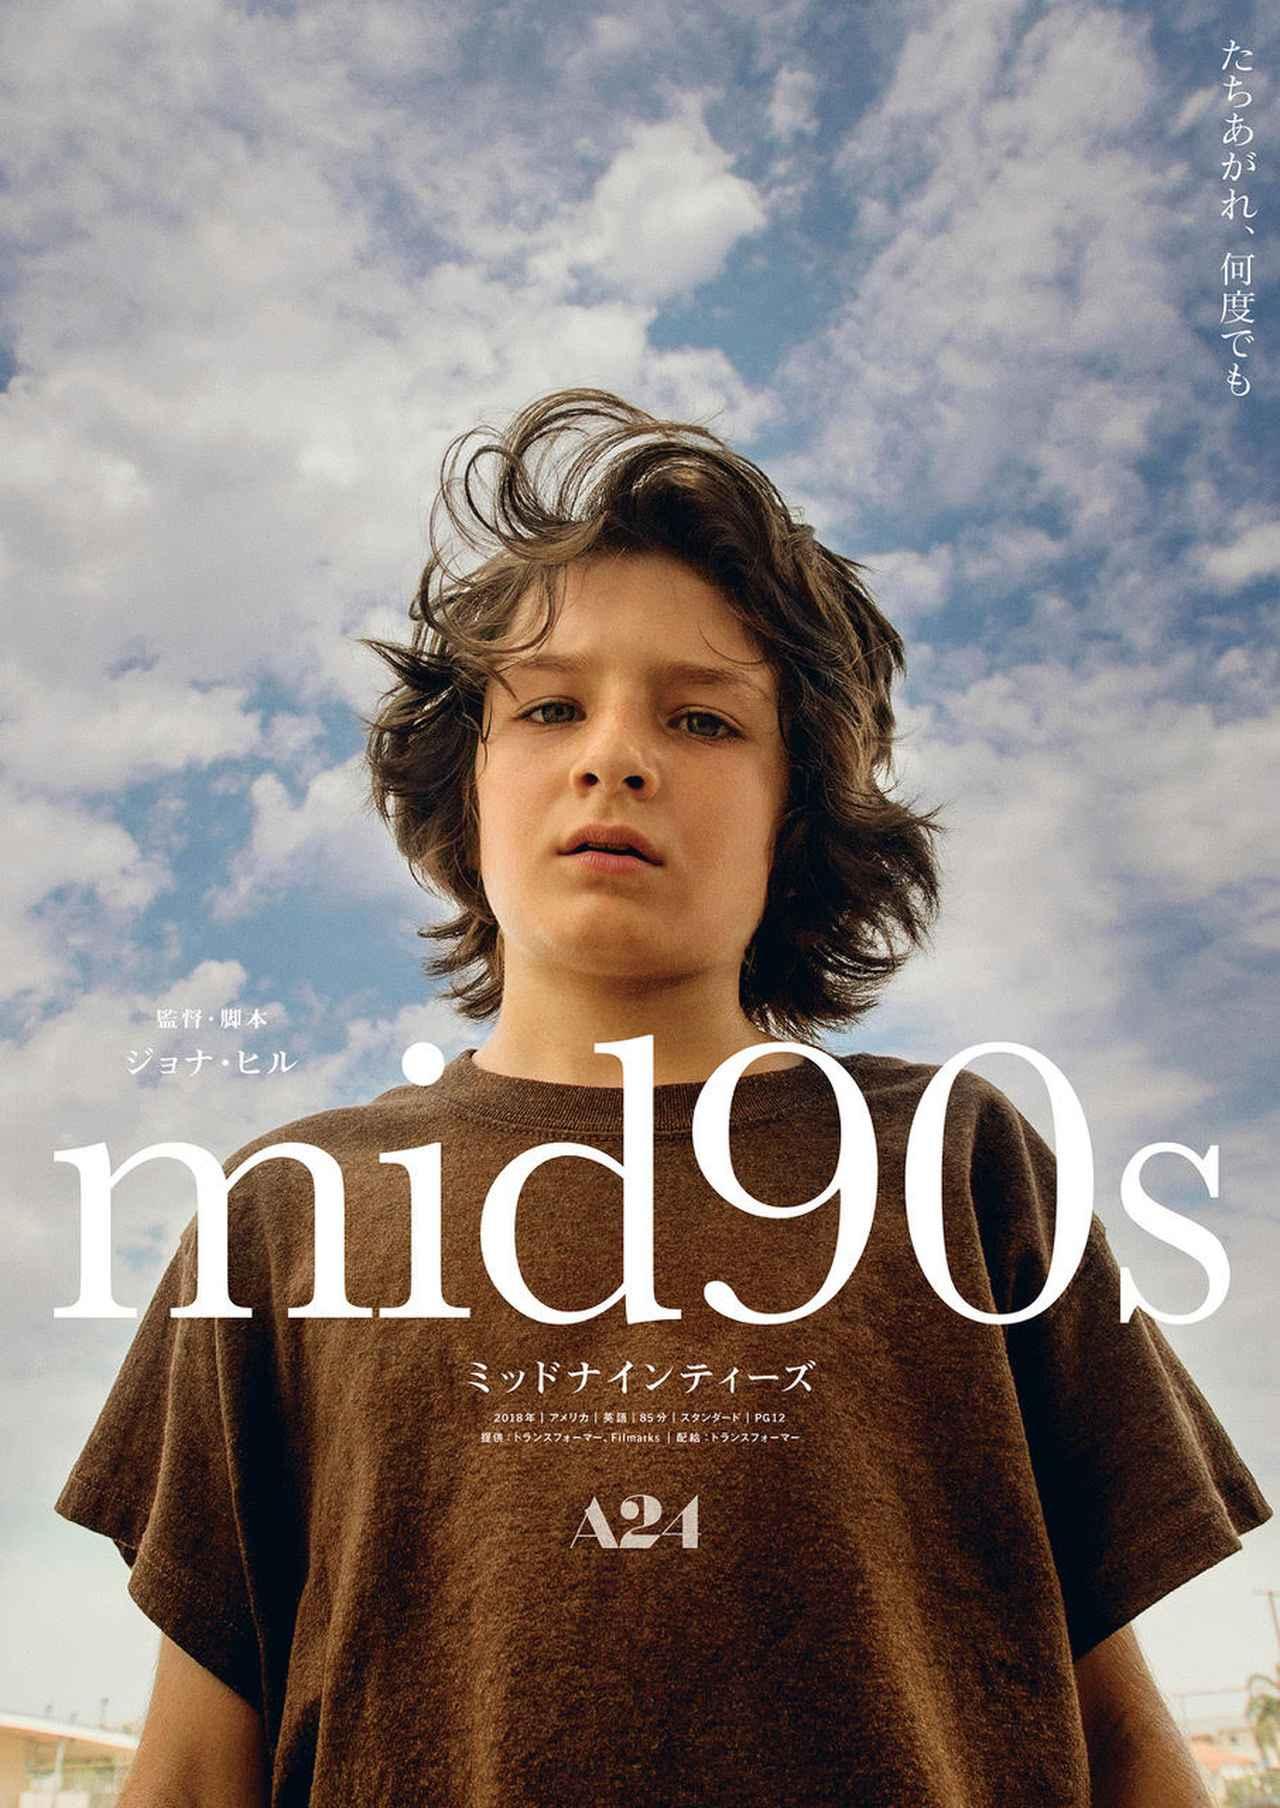 画像: 特報解禁! ジョナ・ヒル初監督作品、『ミッドサマー』『レディ・バード』のA24が贈る、90年代への愛と夢が詰まった青春映画のマスターピース!『mid90s ミッドナインティーズ』